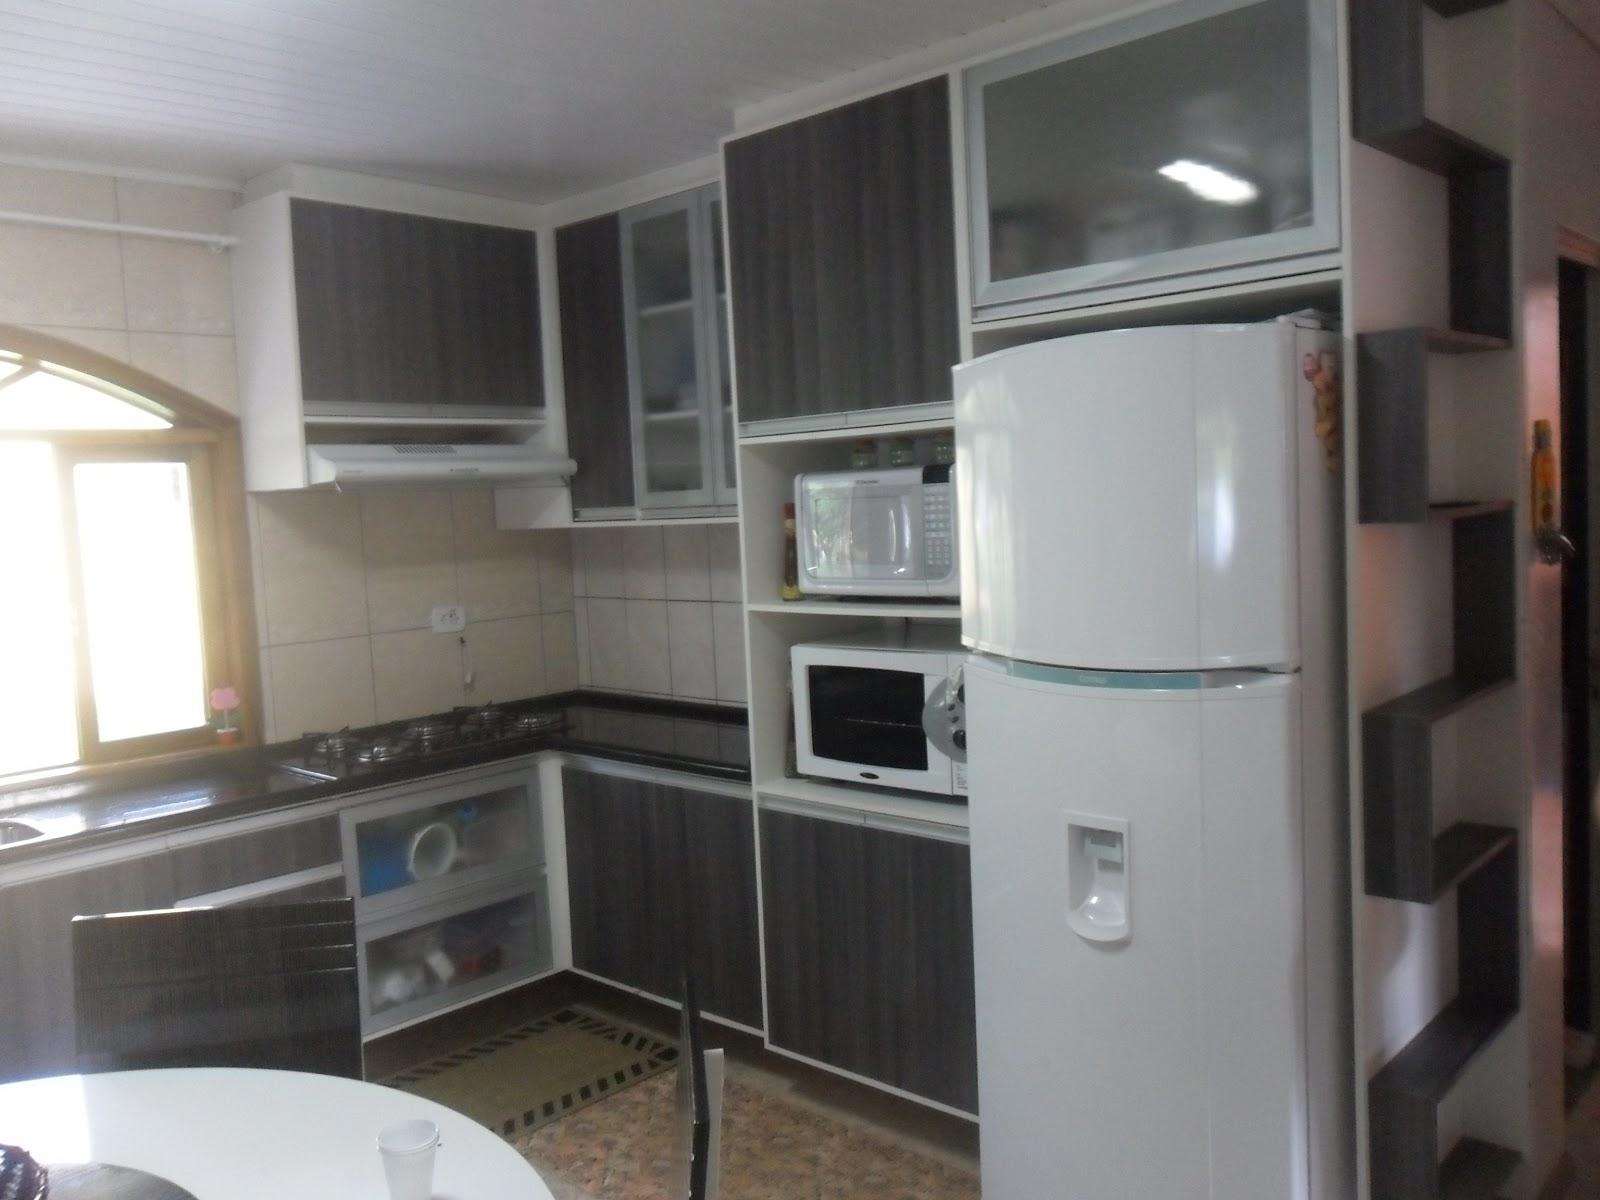 Criattive Design Móveis Planejados: Cozinha Simples #756456 1600 1200